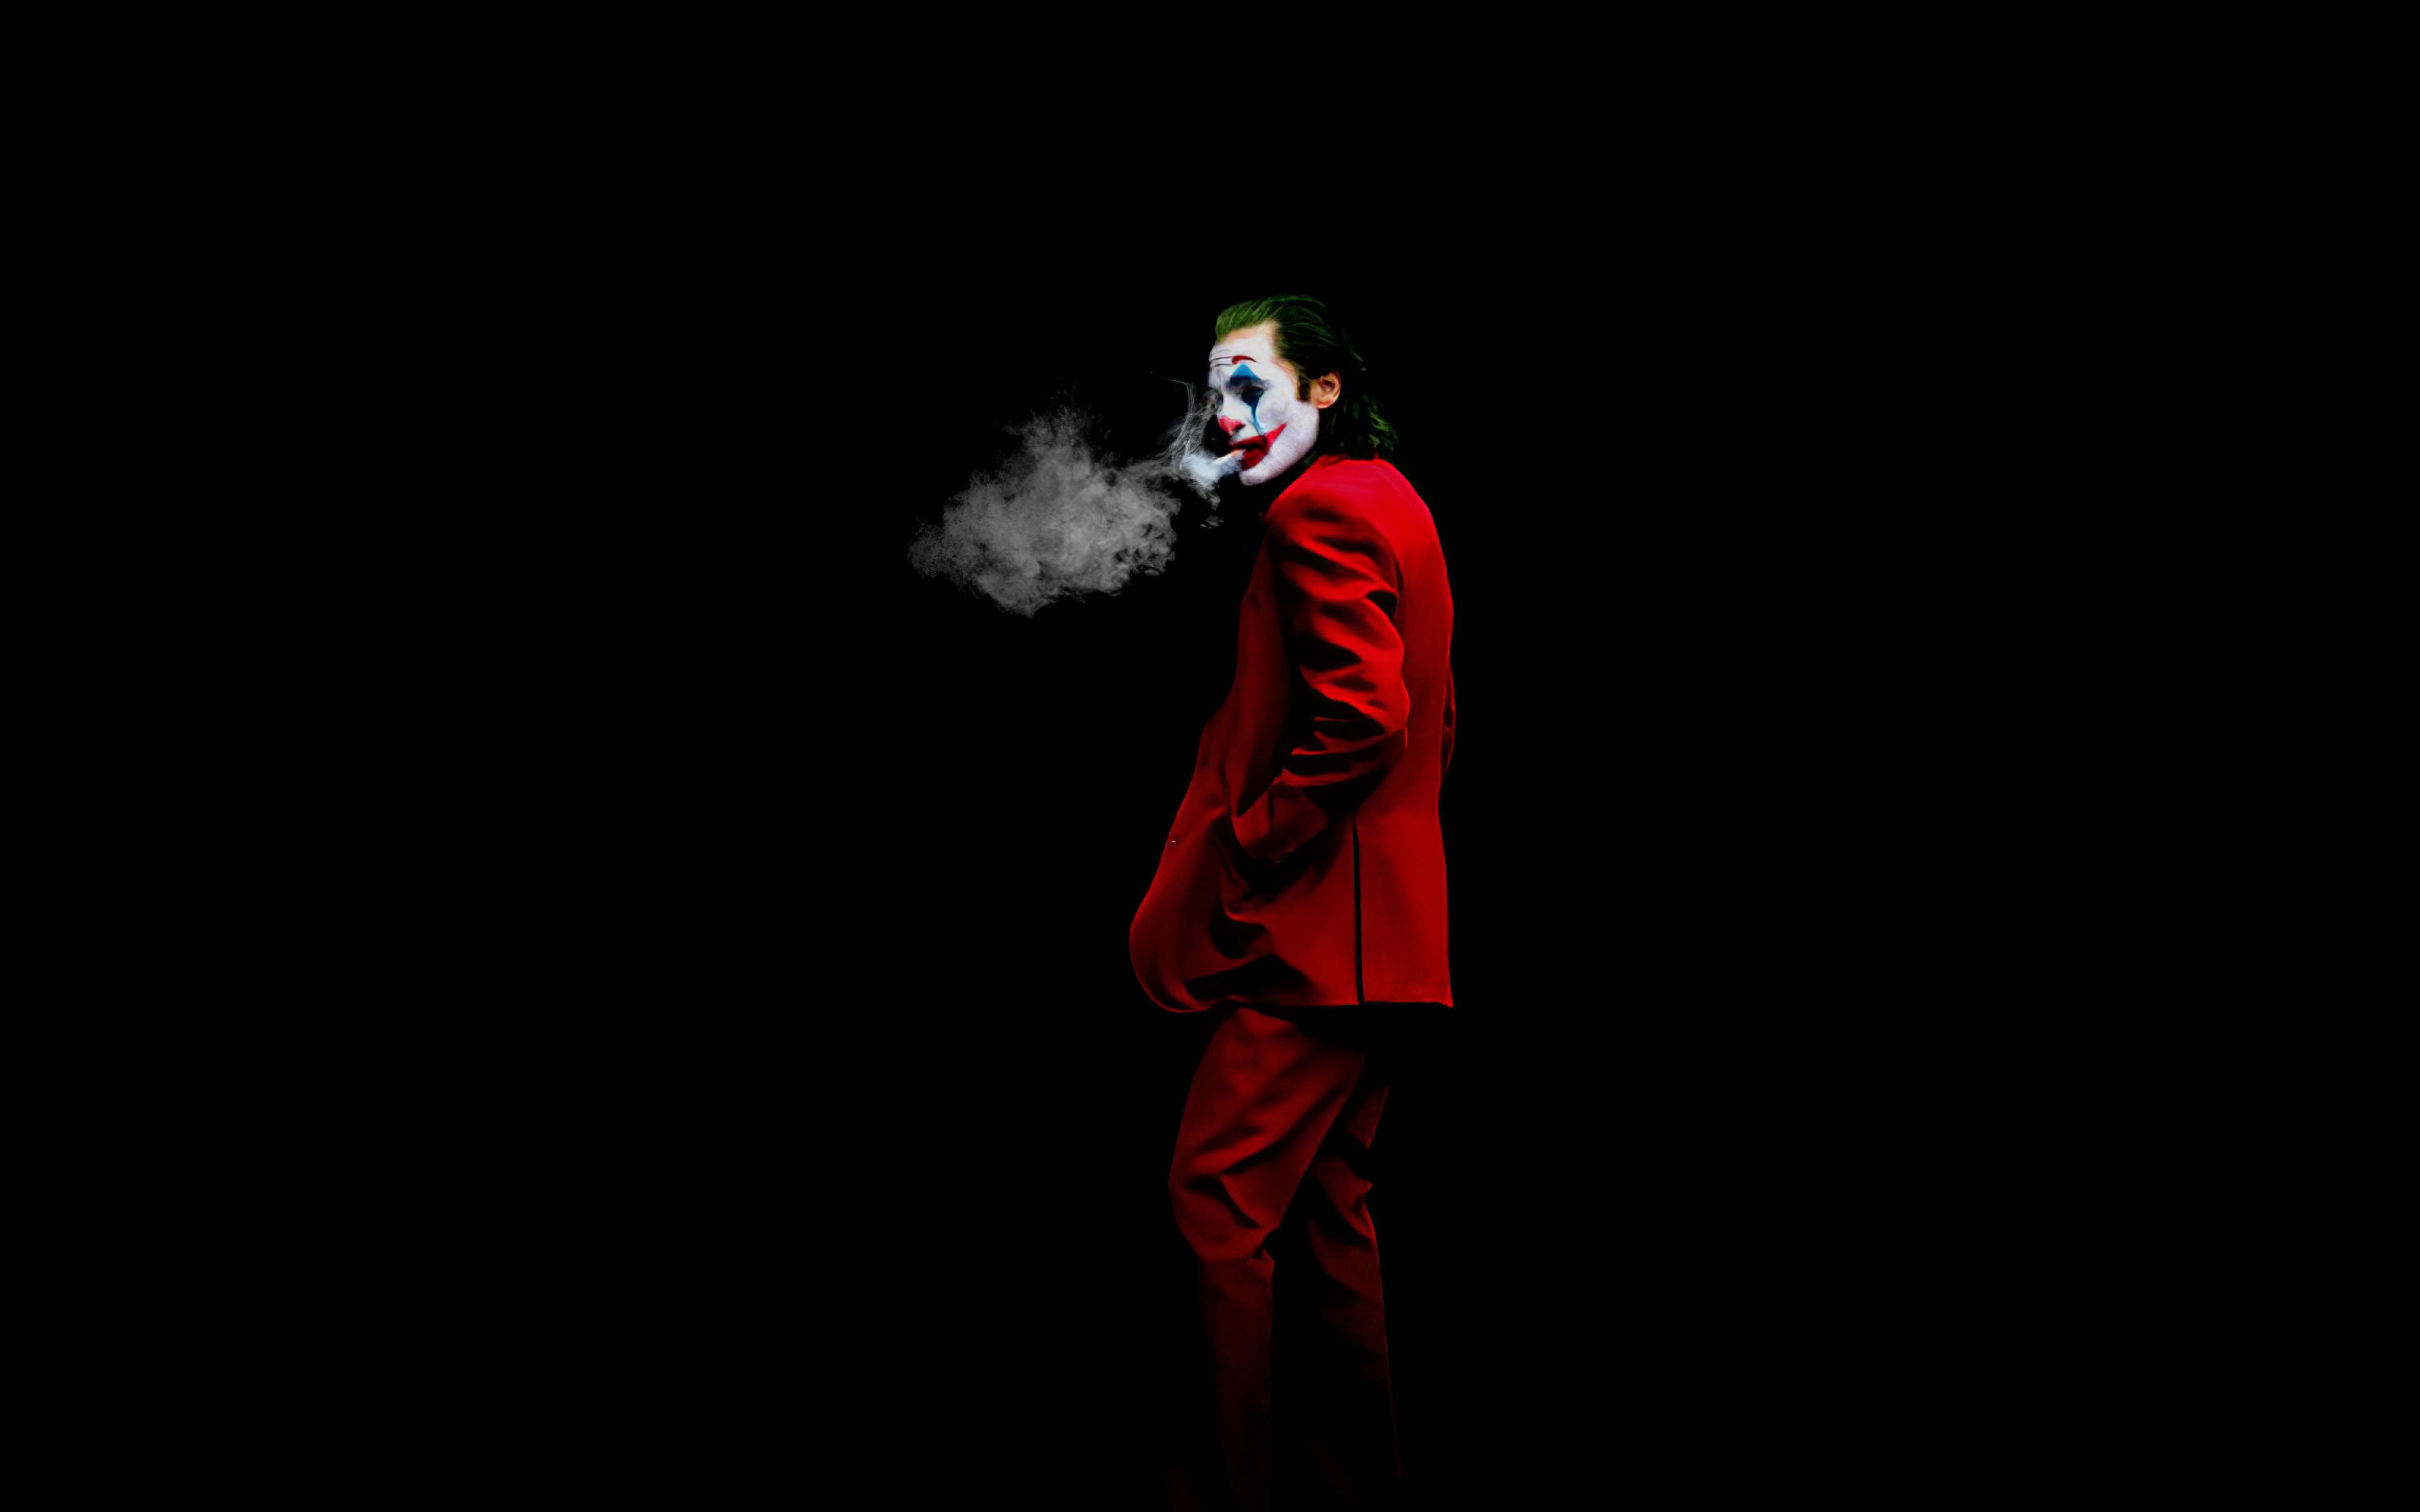 3840x2400 New Joker 2020 Art 4K 3840x2400 Resolution ...